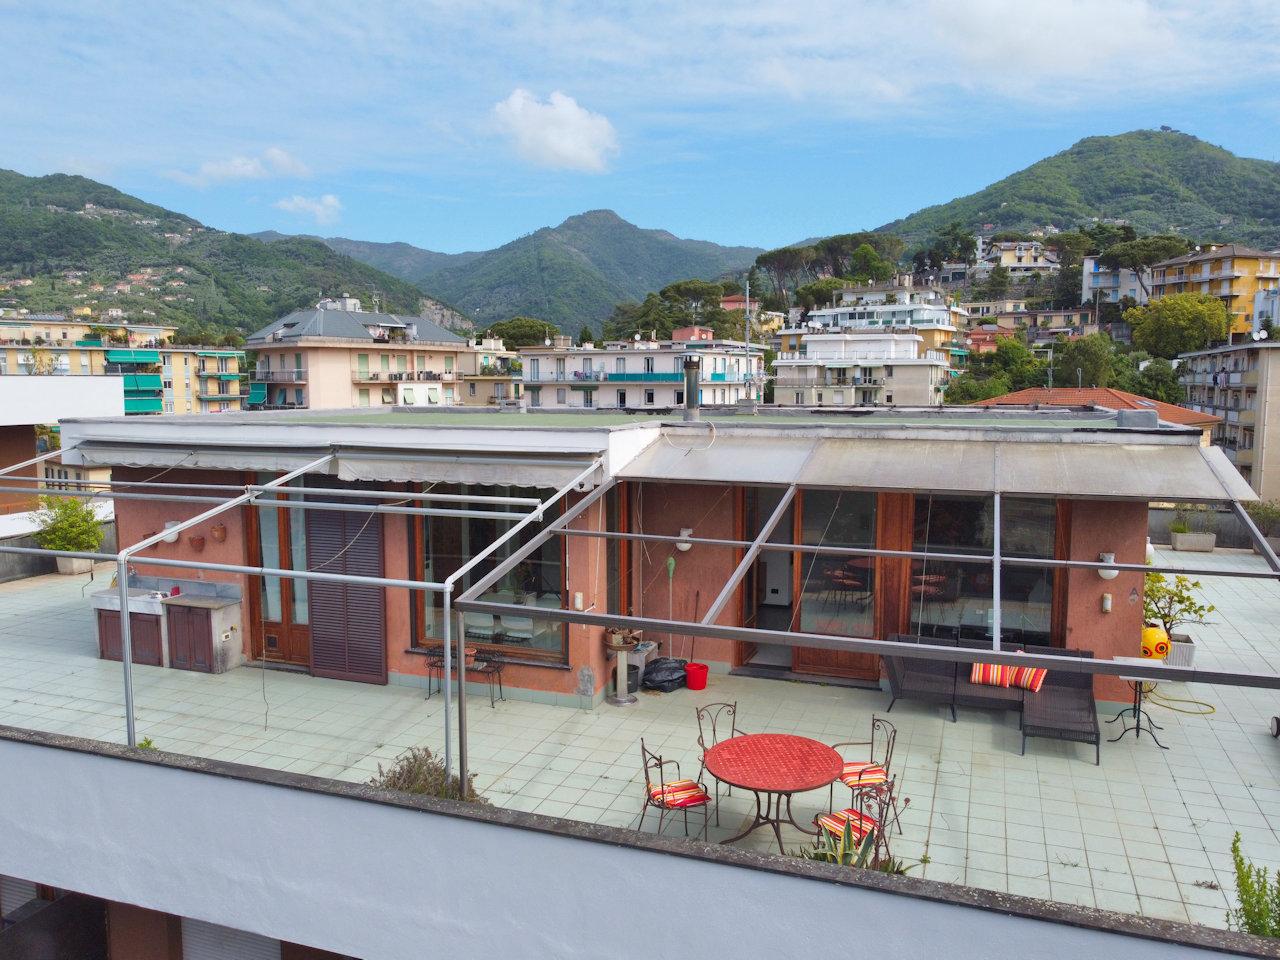 Attico / Mansarda in vendita a Rapallo, 8 locali, prezzo € 450.000 | PortaleAgenzieImmobiliari.it